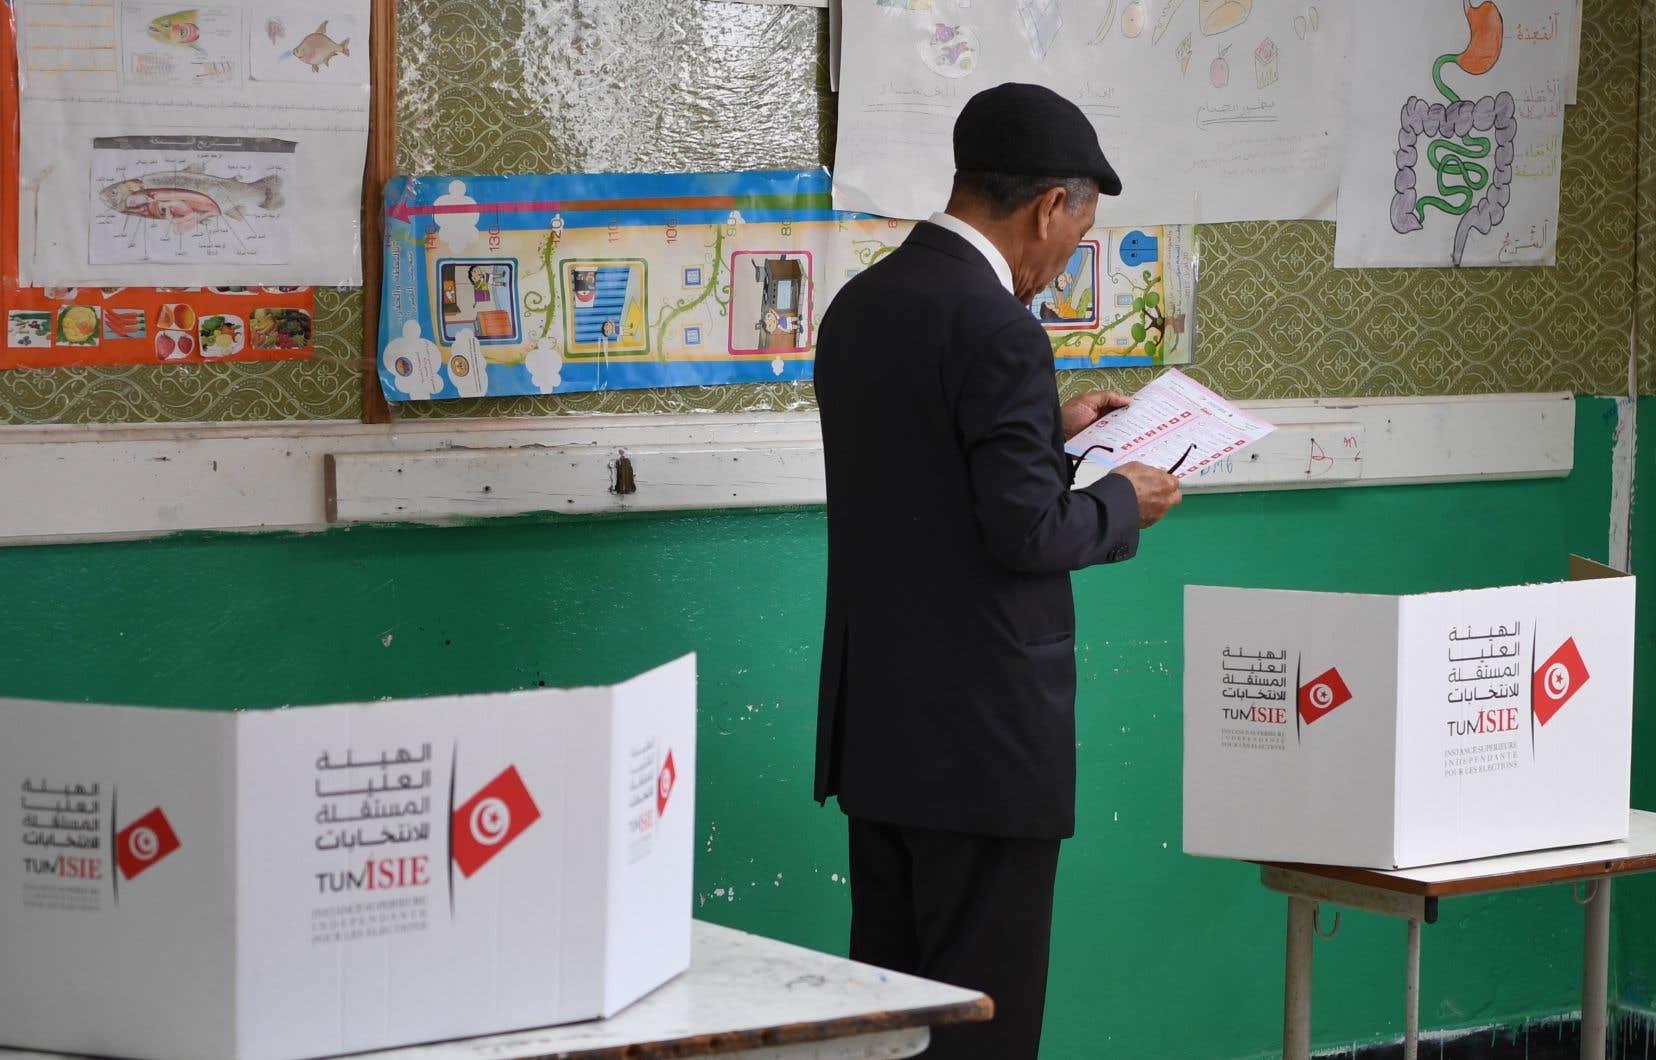 Le taux de participation à ce scrutin proportionnel à un tour, qui s'est déroulé sans incident majeur, n'a atteint que 33,7% sur le plan national, et seulement 26% à Tunis.